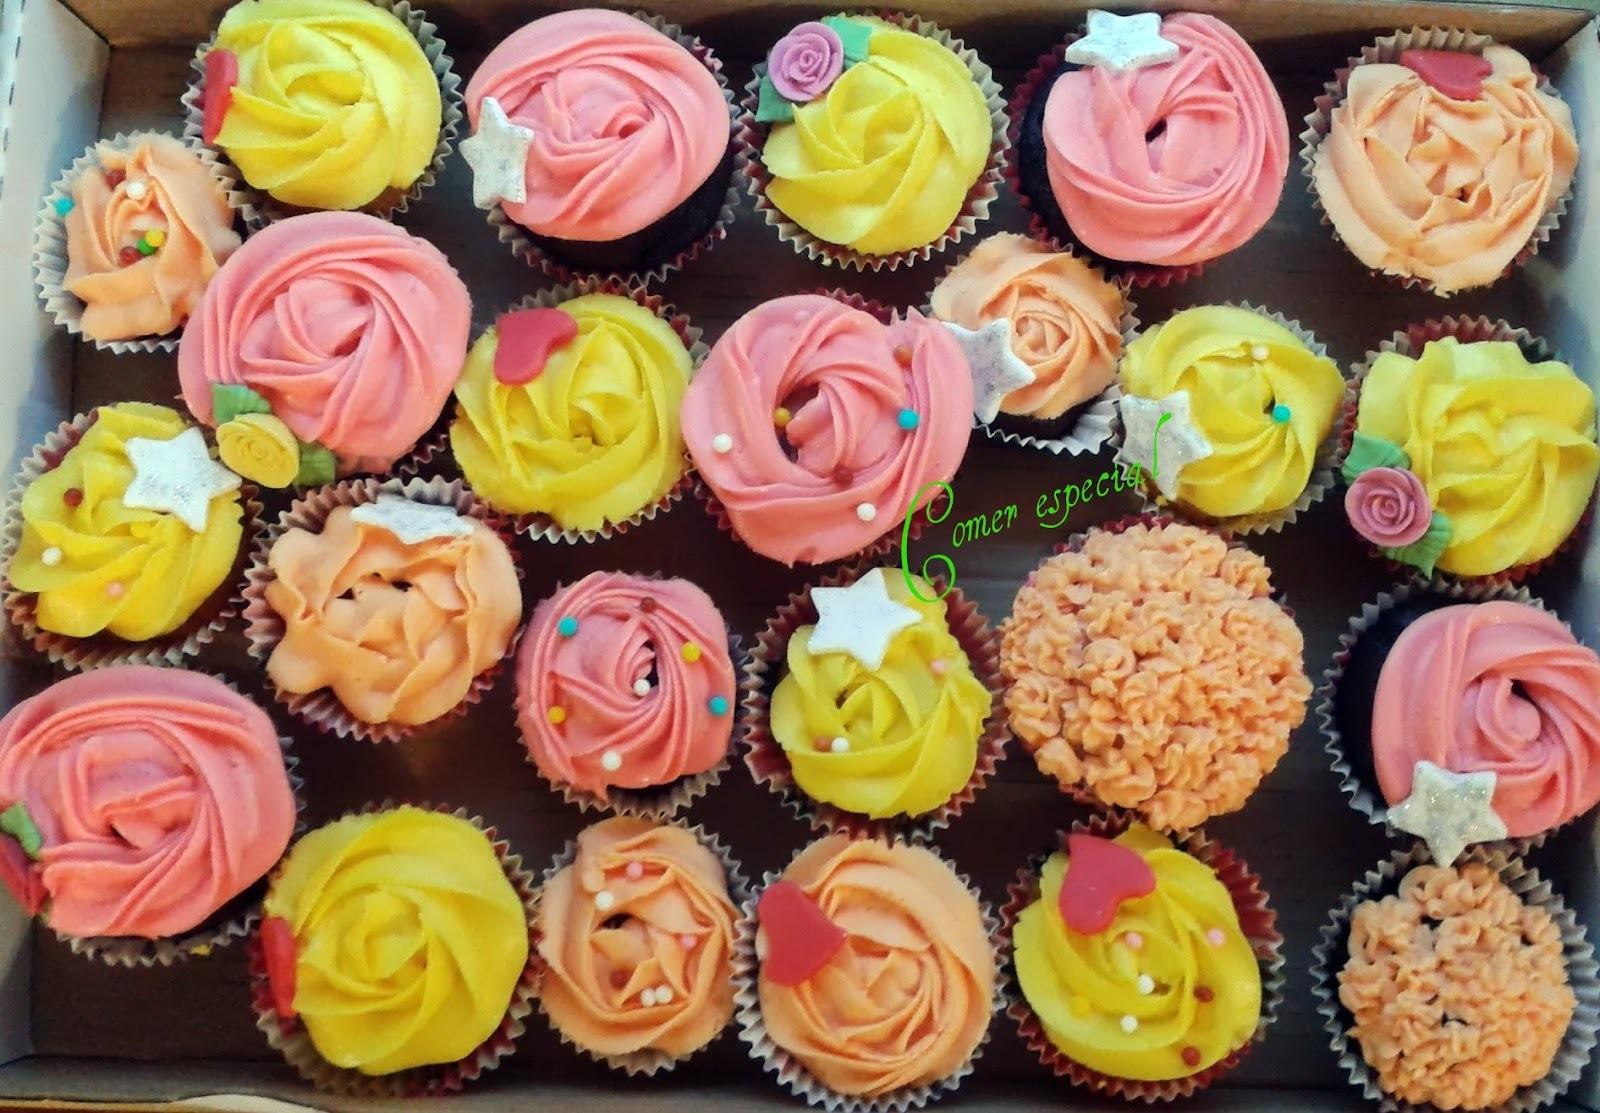 Cupcakes de chocolate y naranja aptos para intolerantes a la lactosa